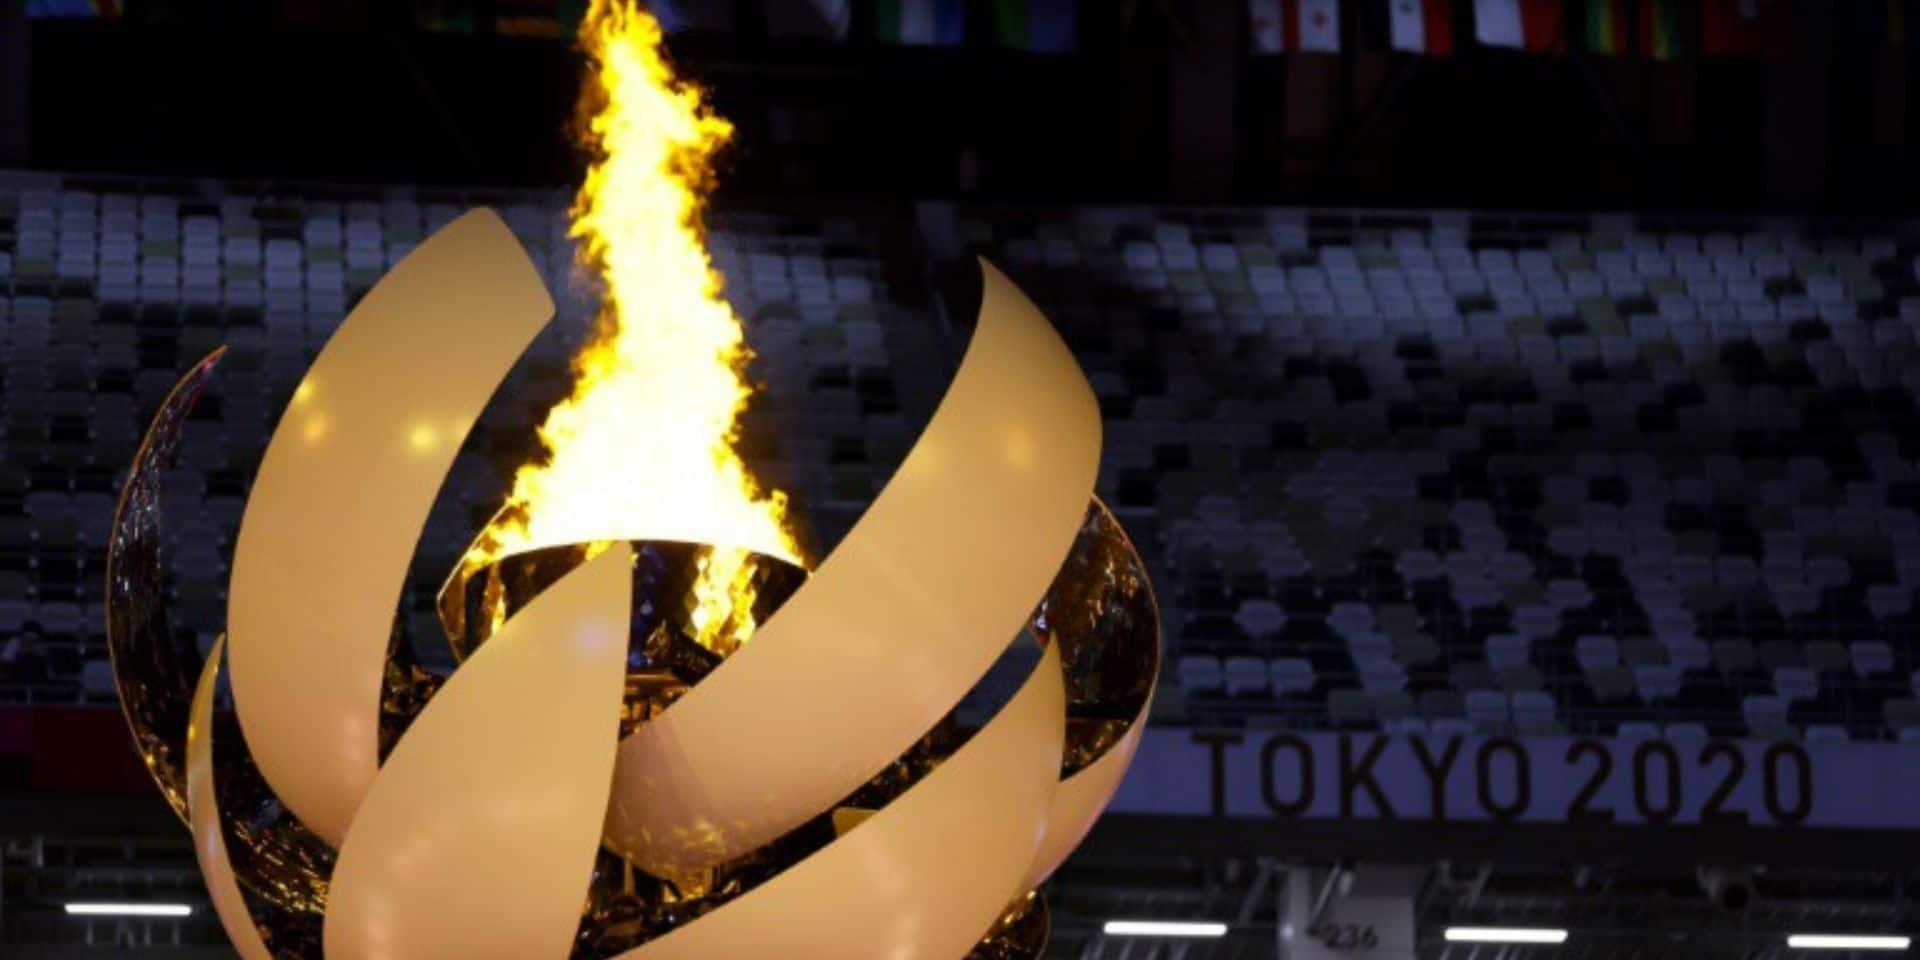 La flamme olympique des Jeux d'Hiver sera allumée à huis clos à Olympie